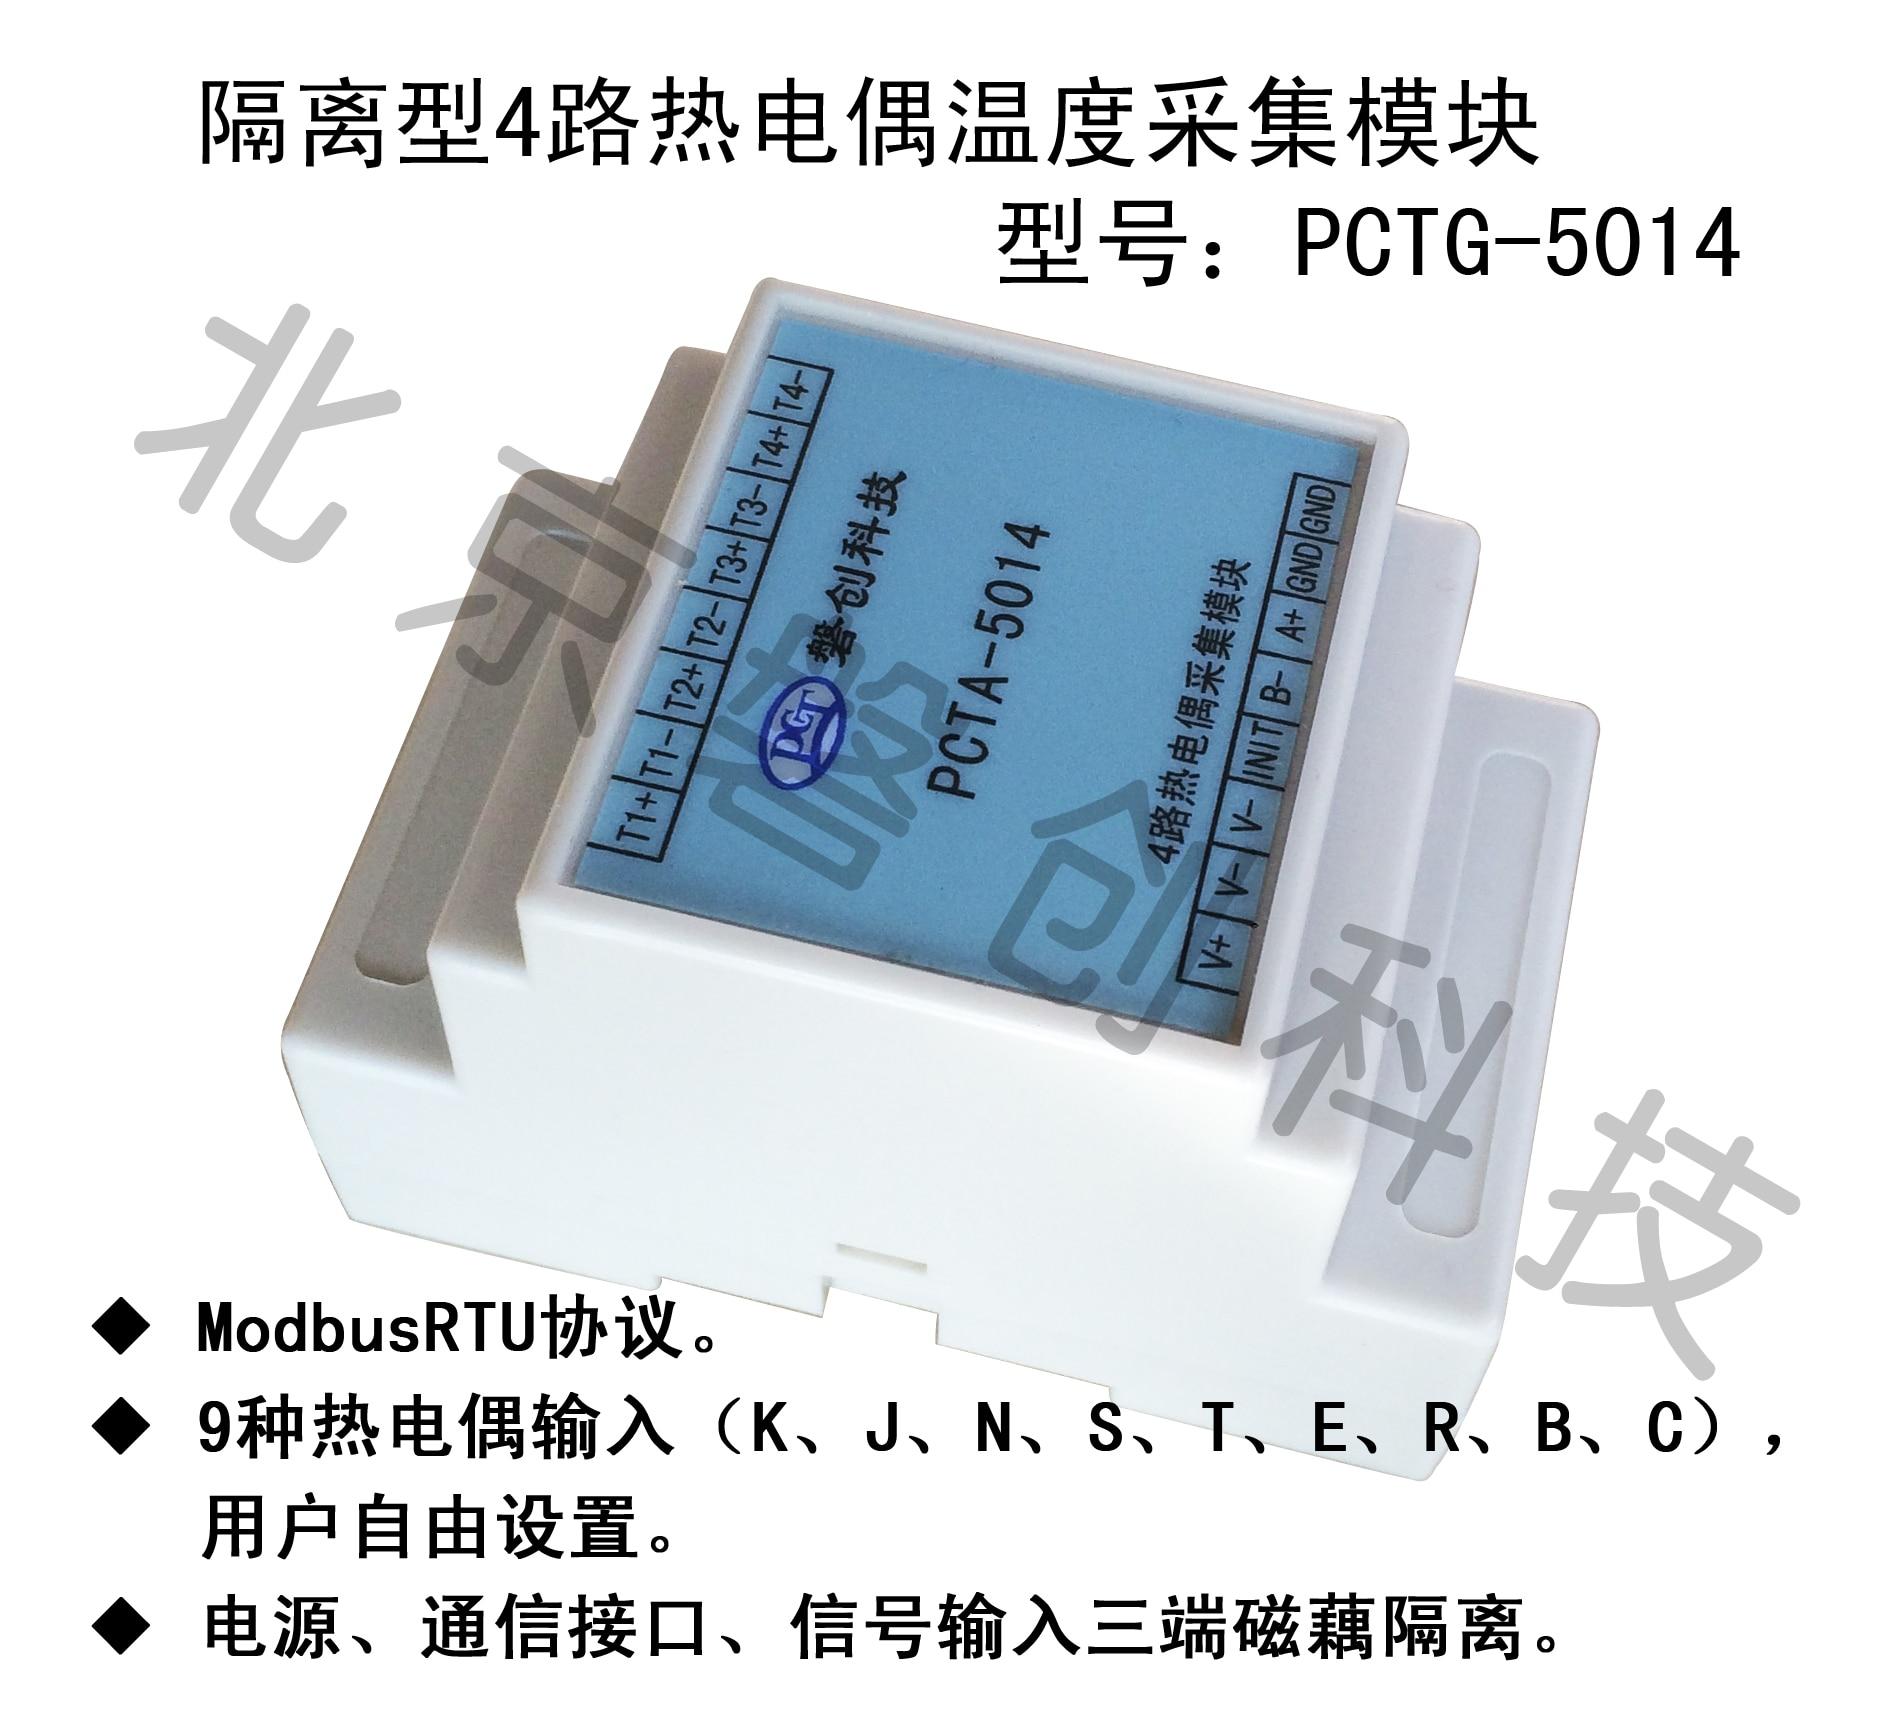 Remote I/o Tipo di Isolamento 4 Canali Trasmettitore di Temperatura a Termocoppia Modulo di Acquisizione di Protocollo ModbusRemote I/o Tipo di Isolamento 4 Canali Trasmettitore di Temperatura a Termocoppia Modulo di Acquisizione di Protocollo Modbus